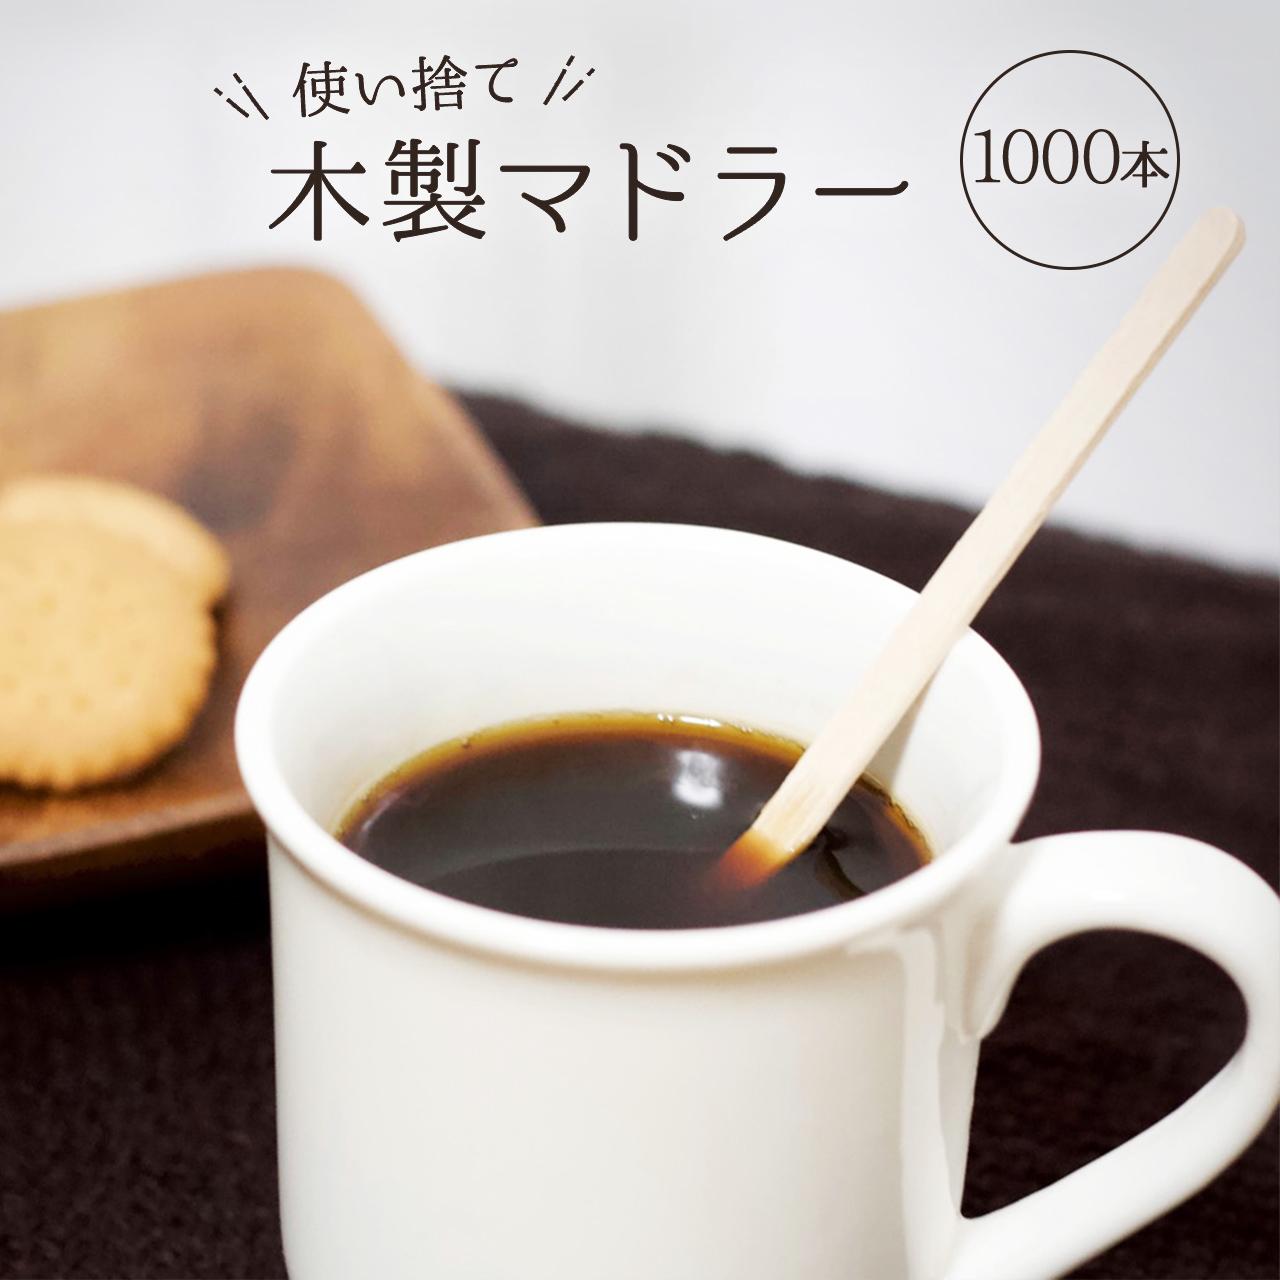 日時指定 業務用1000本入 木製 超目玉 コーヒー マドラー 使い捨て 14cm 1000本 スティック 業務用 ティースティッ セット ウッドマドラー コーヒーマドラー 木